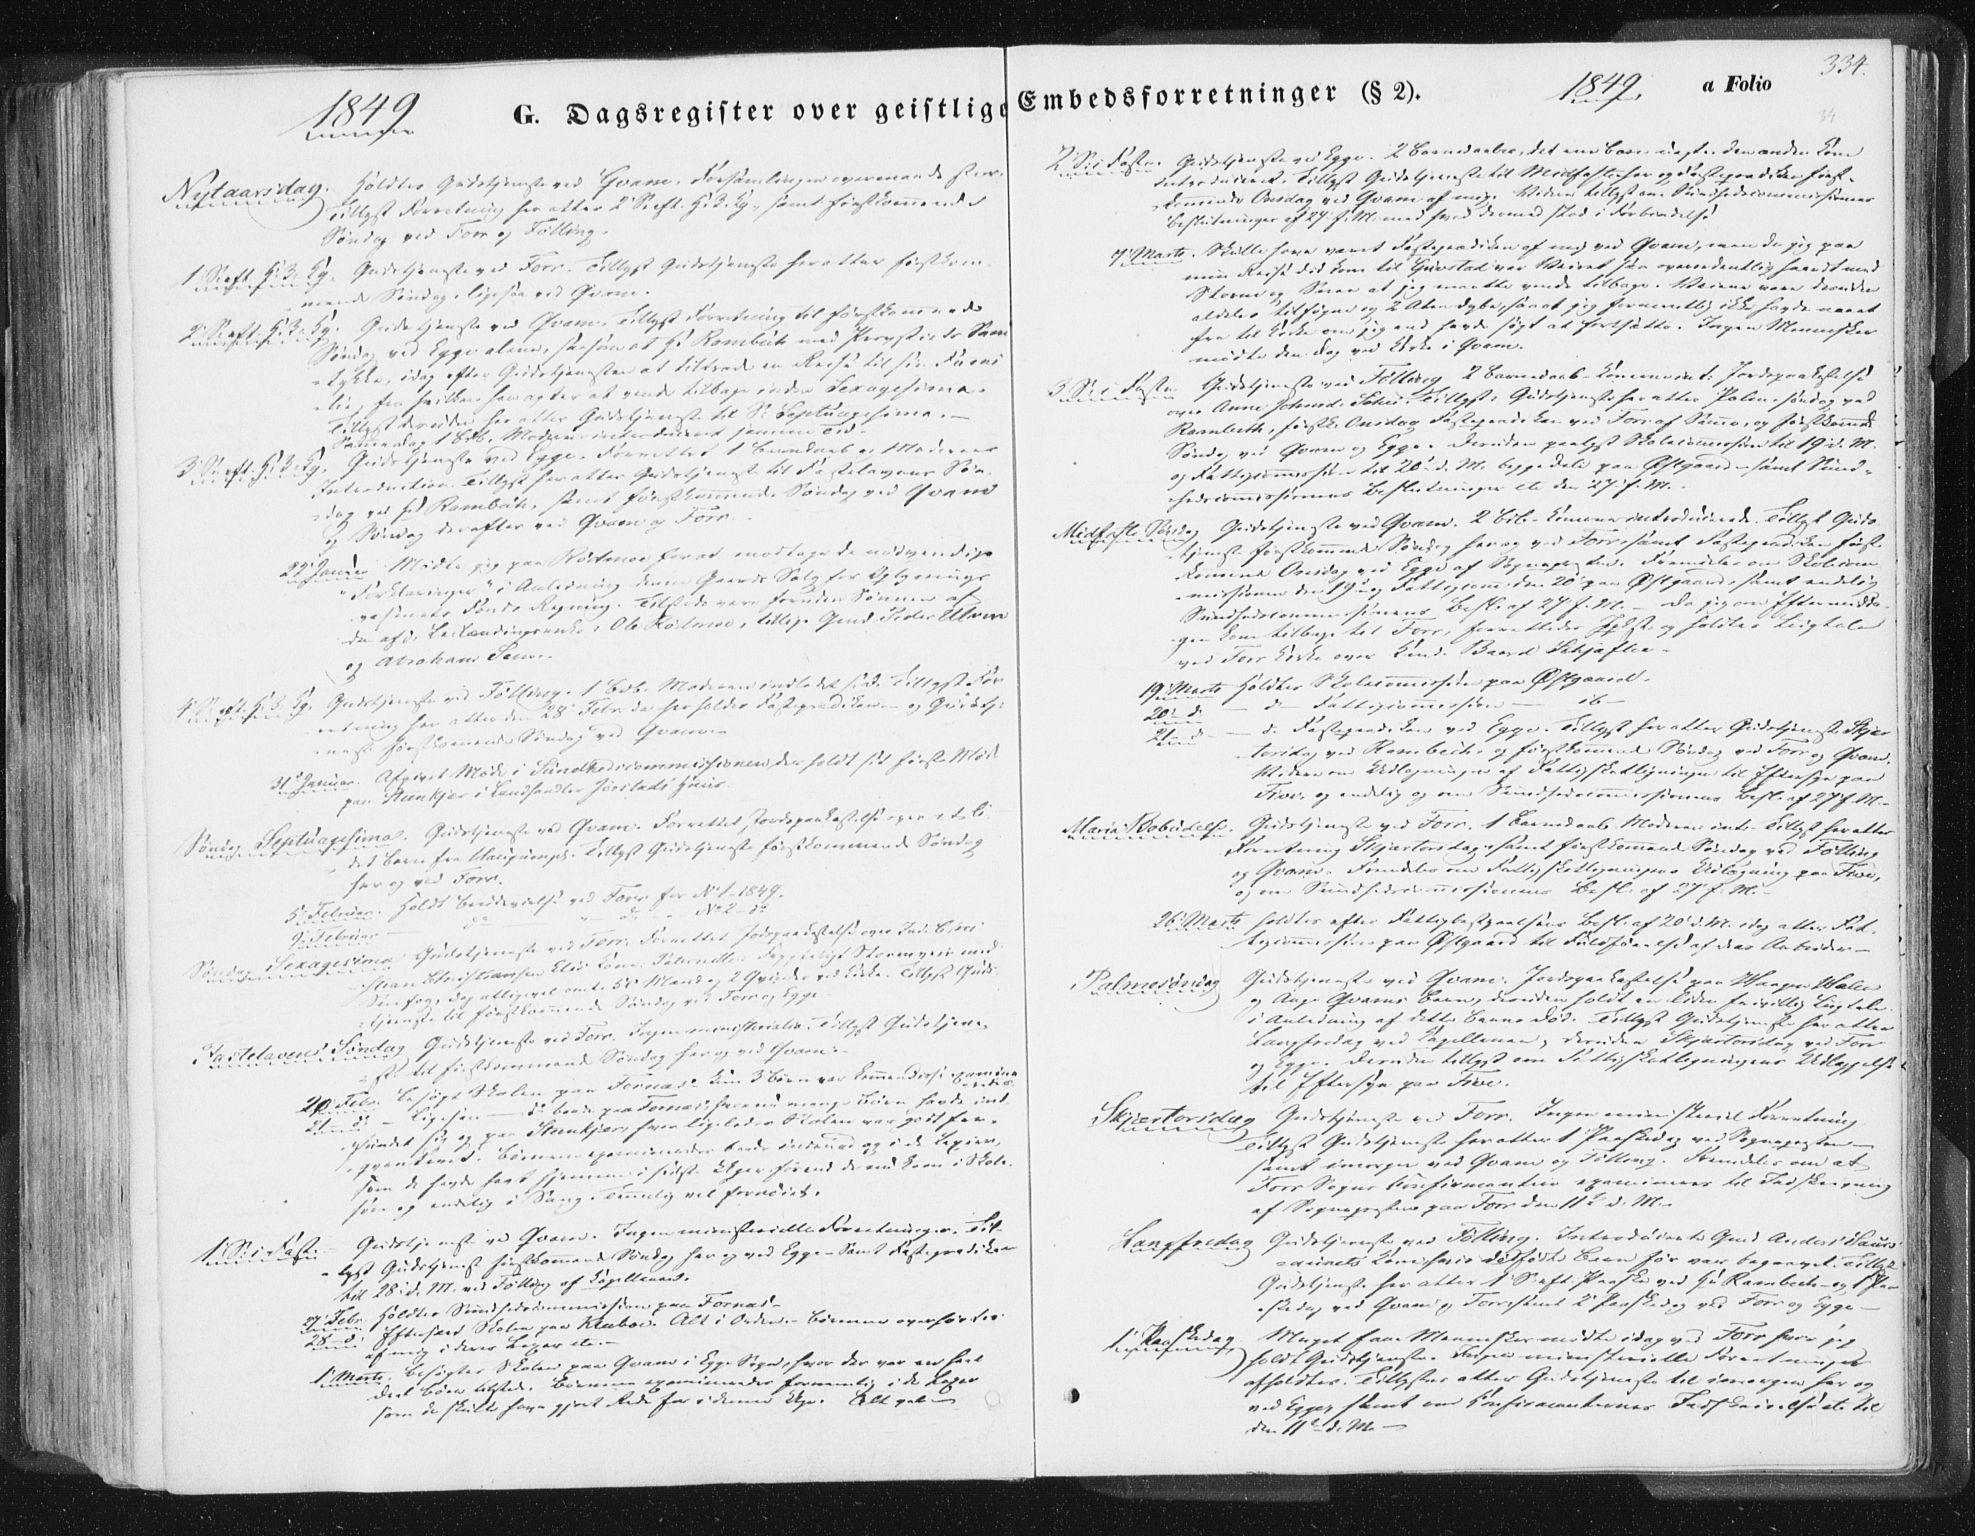 SAT, Ministerialprotokoller, klokkerbøker og fødselsregistre - Nord-Trøndelag, 746/L0446: Ministerialbok nr. 746A05, 1846-1859, s. 334